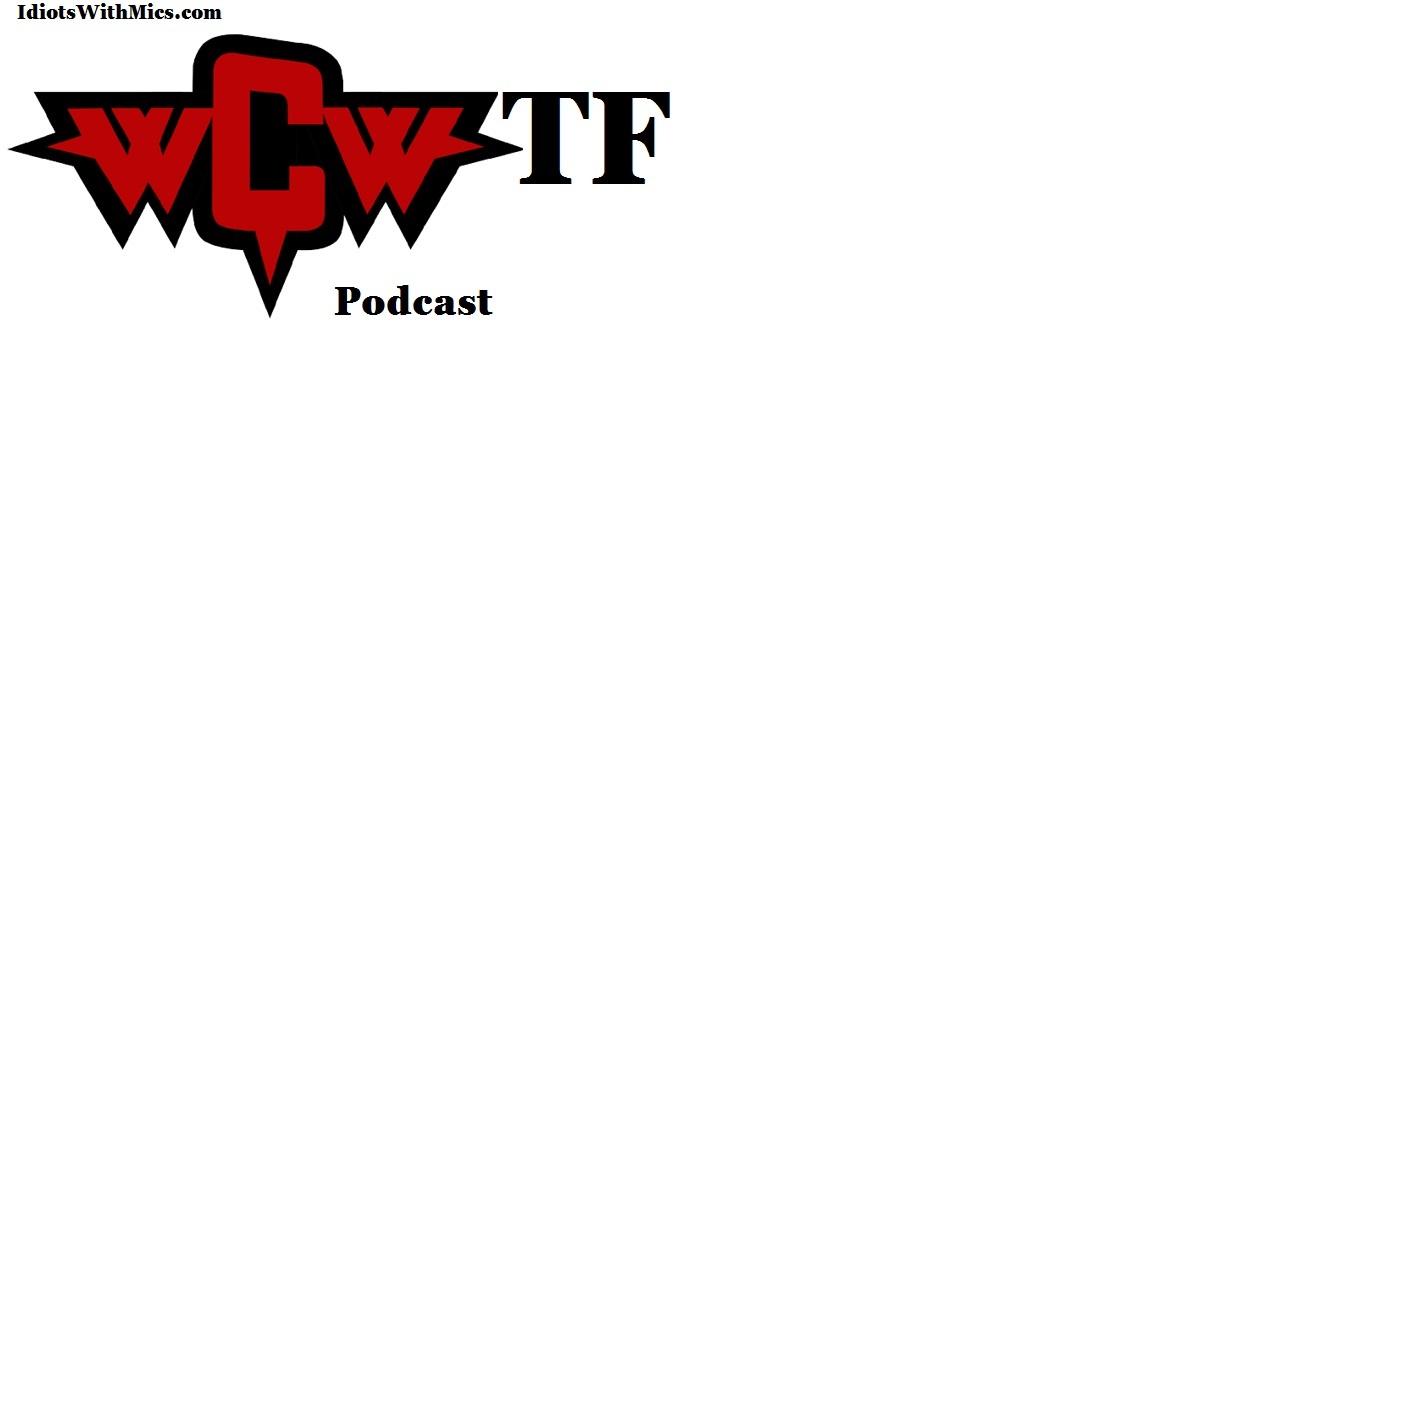 WCWTF Podcast